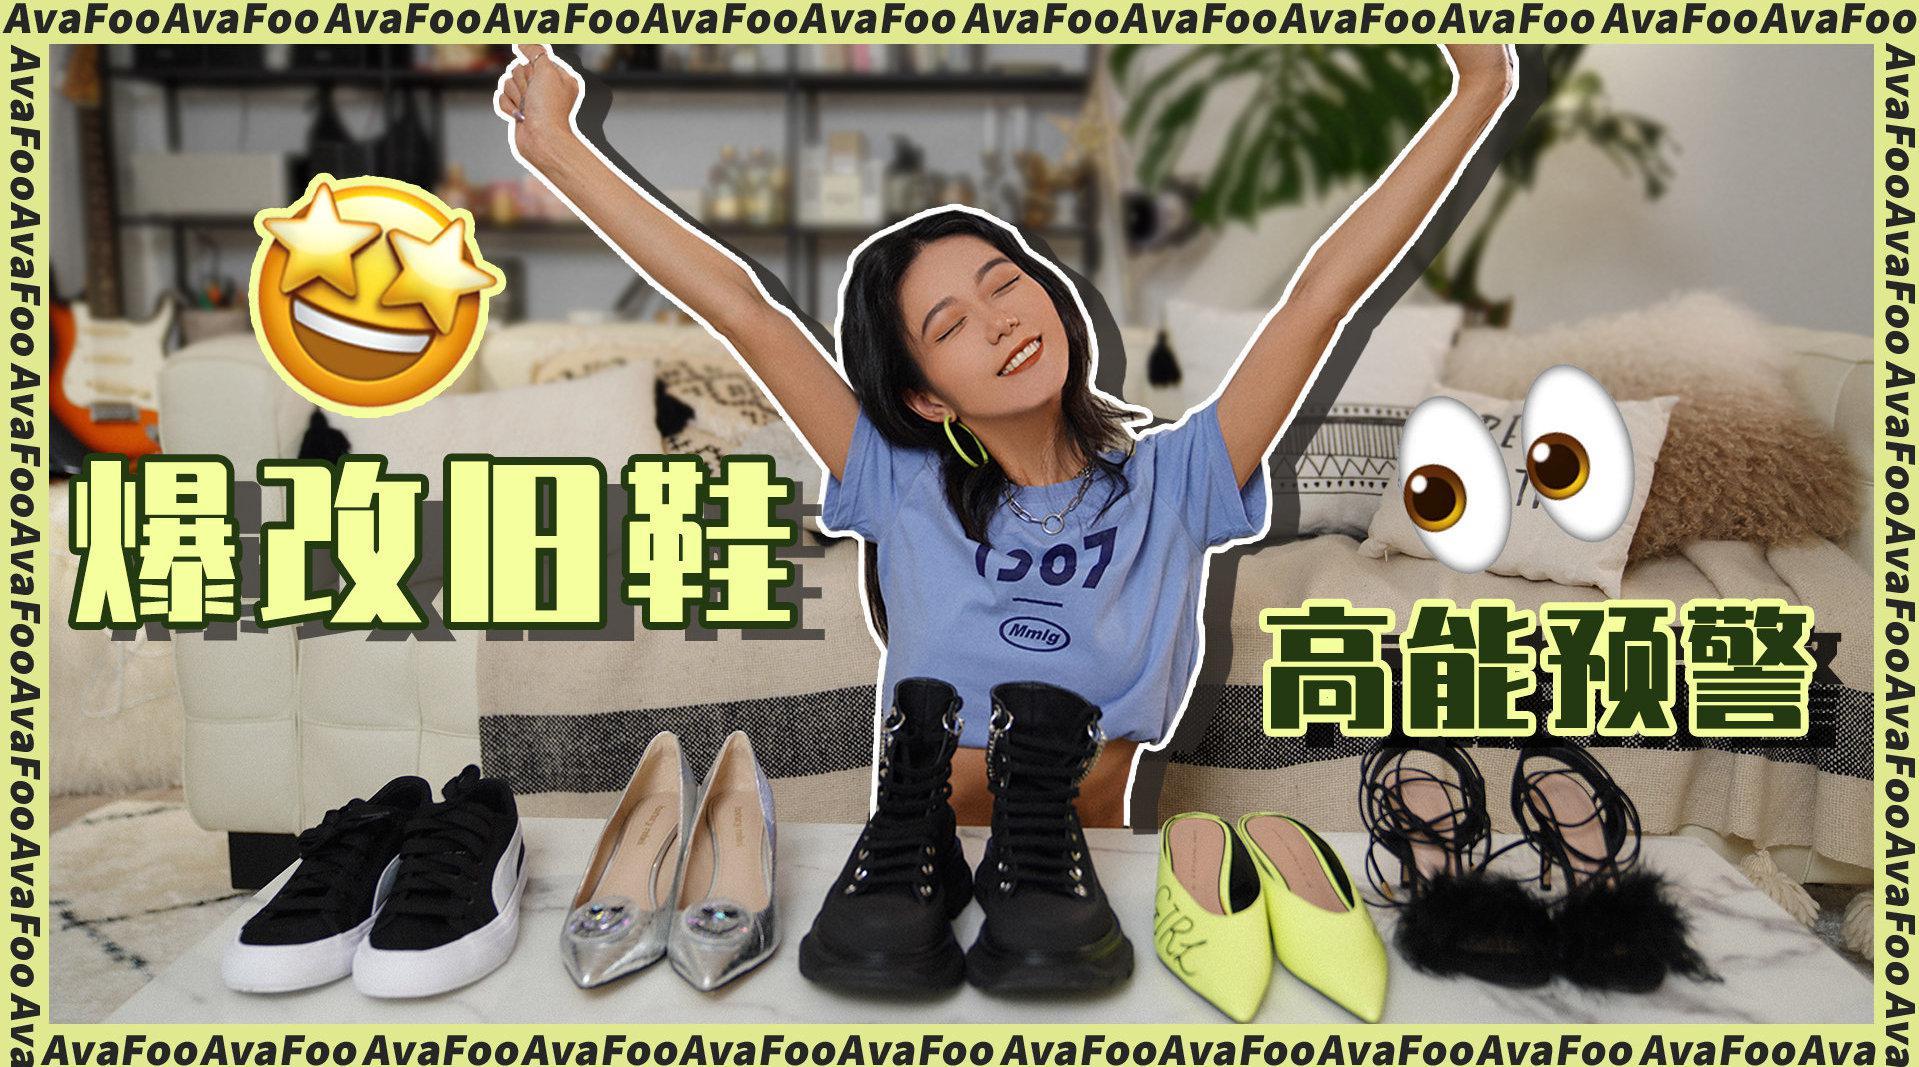 Vlog 144 闲置物改造vol.2 | 鞋子篇👠 平平无奇的压箱底旧鞋变设计师